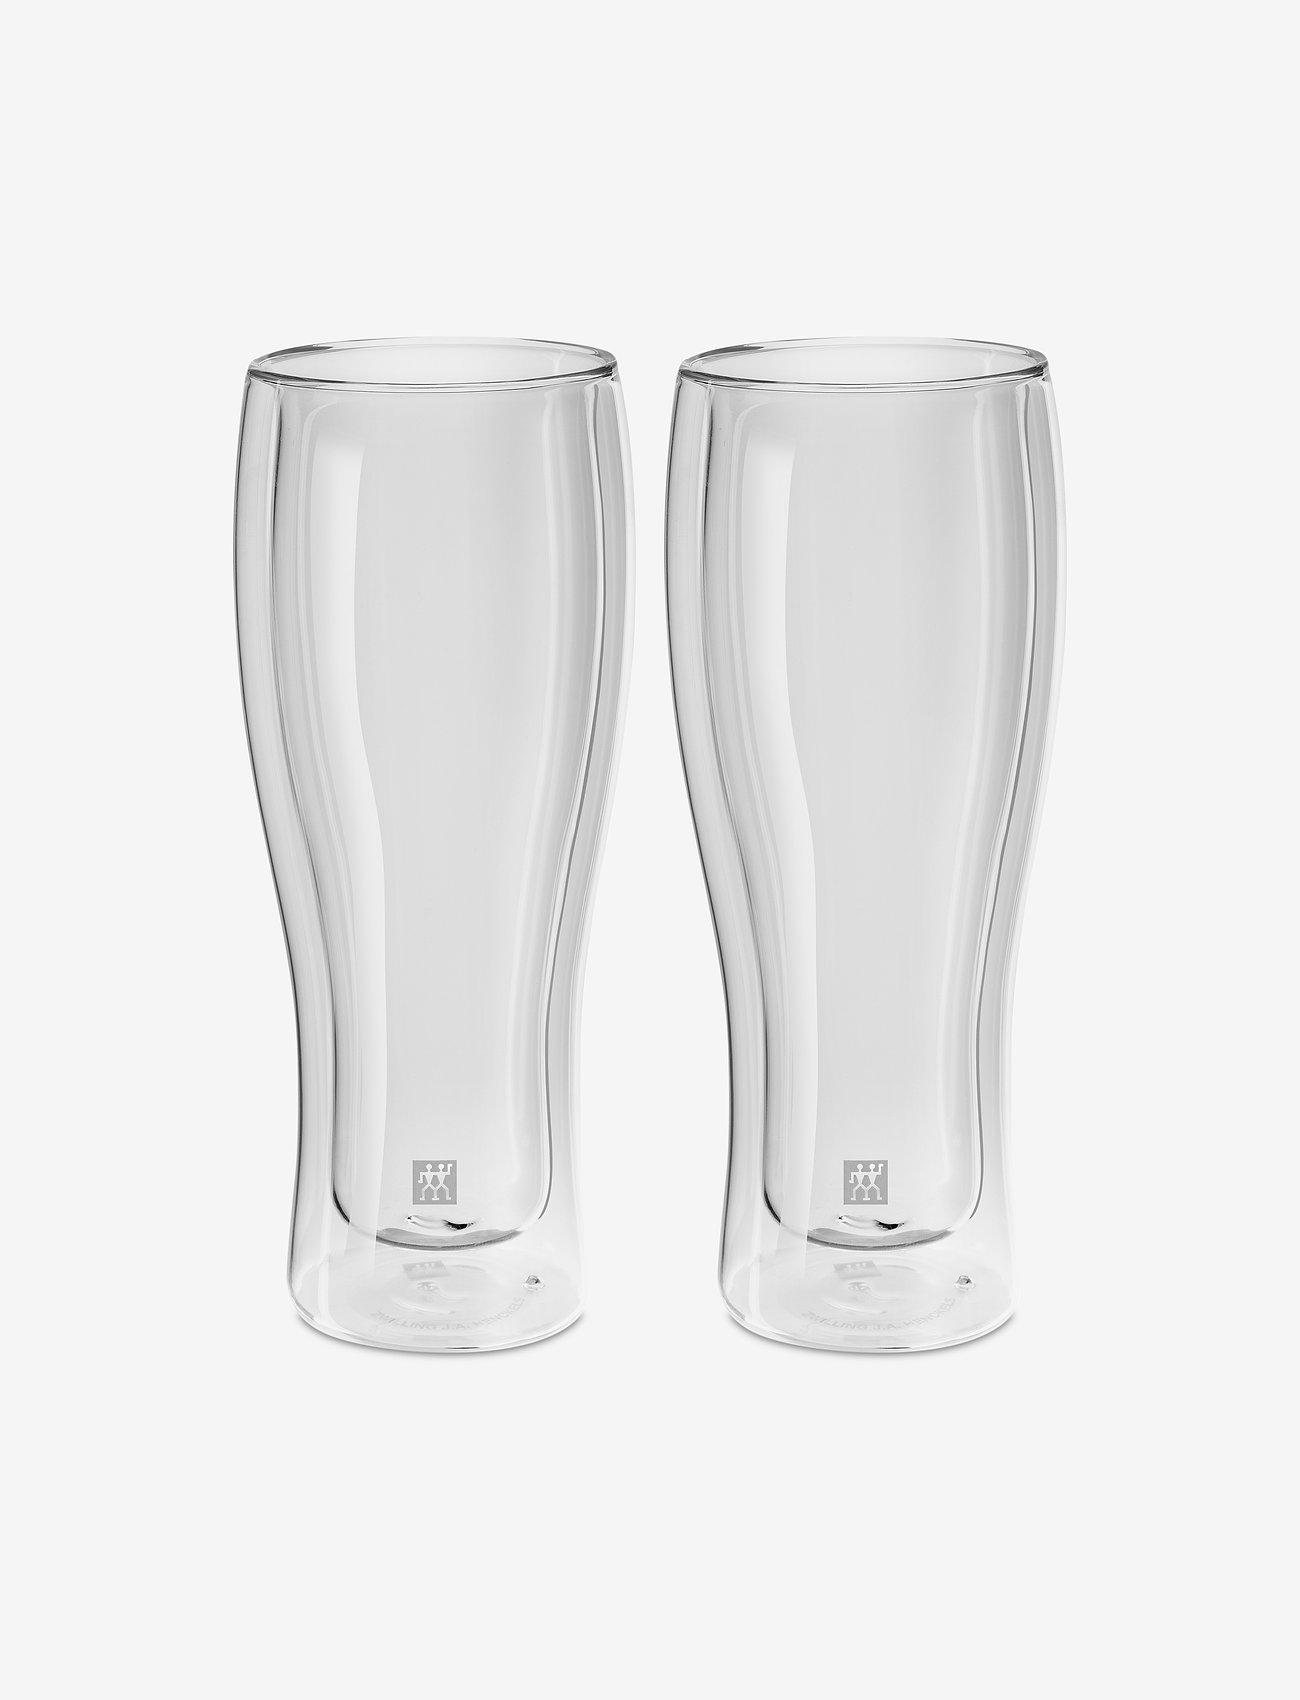 Zwilling - Beer glass set - Ølglass - transparent - 0